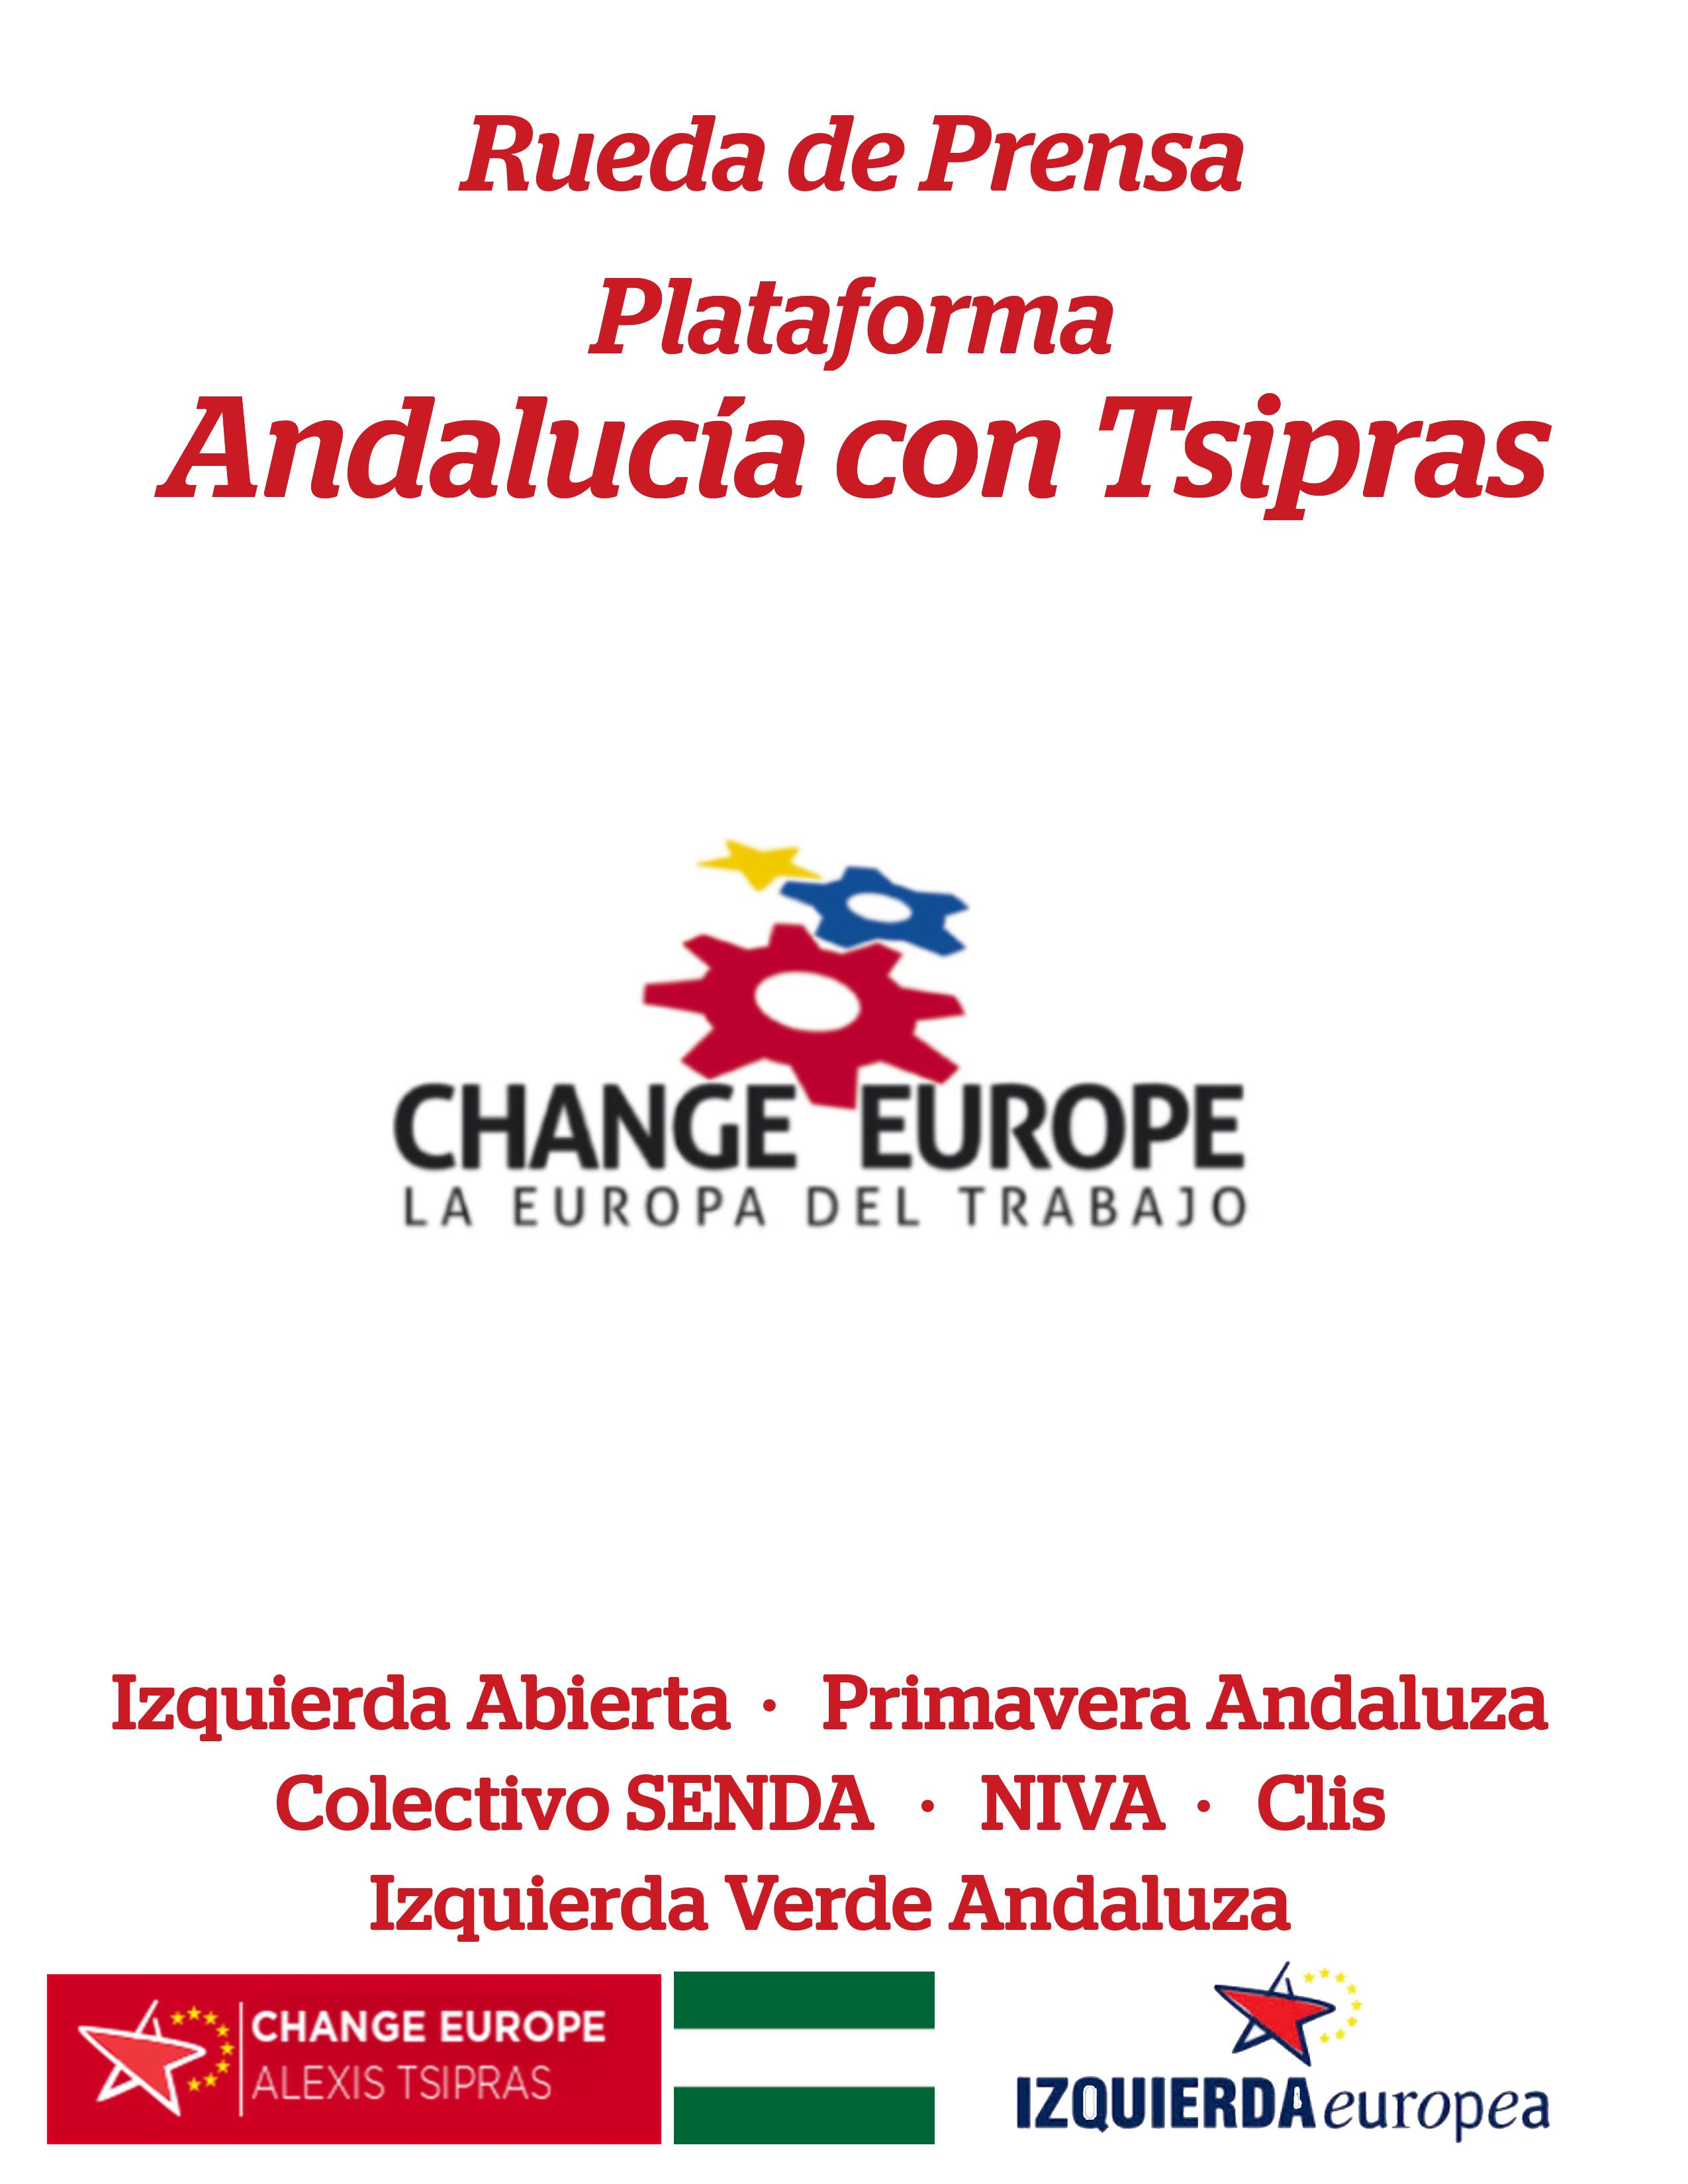 Plataforma Andalucia con Tsipras Portada para Rueda de prensa